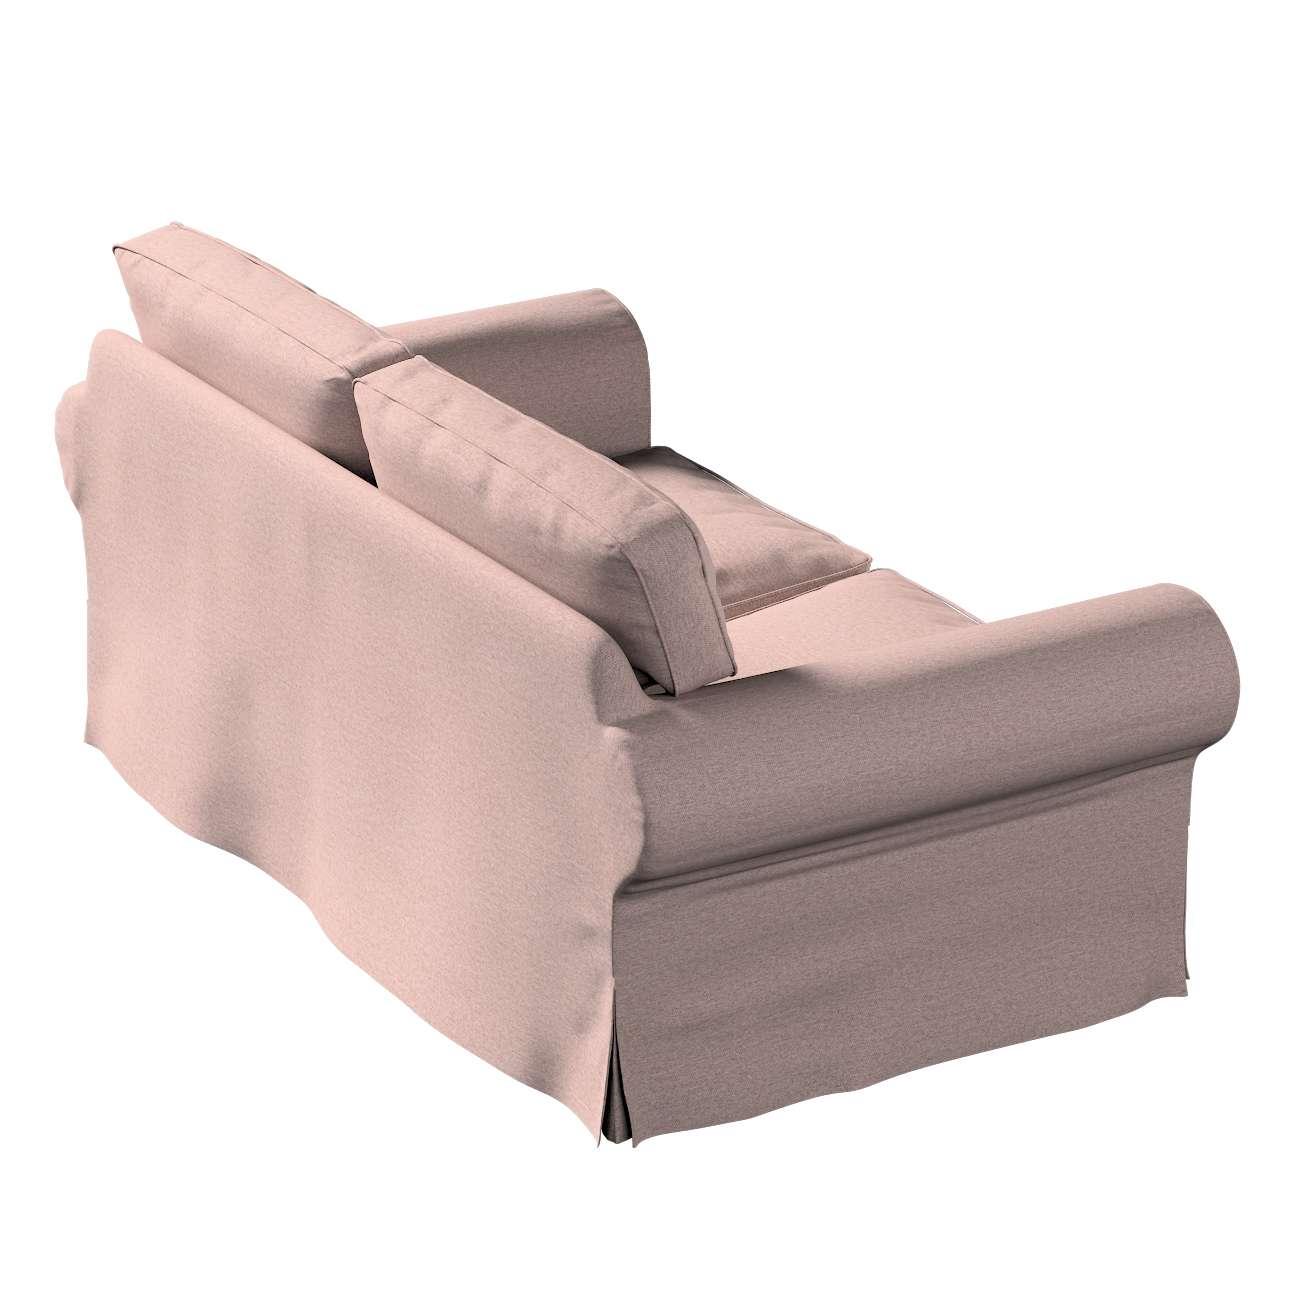 Pokrowiec na sofę Ektorp 2-osobową, nierozkładaną w kolekcji Madrid, tkanina: 161-88